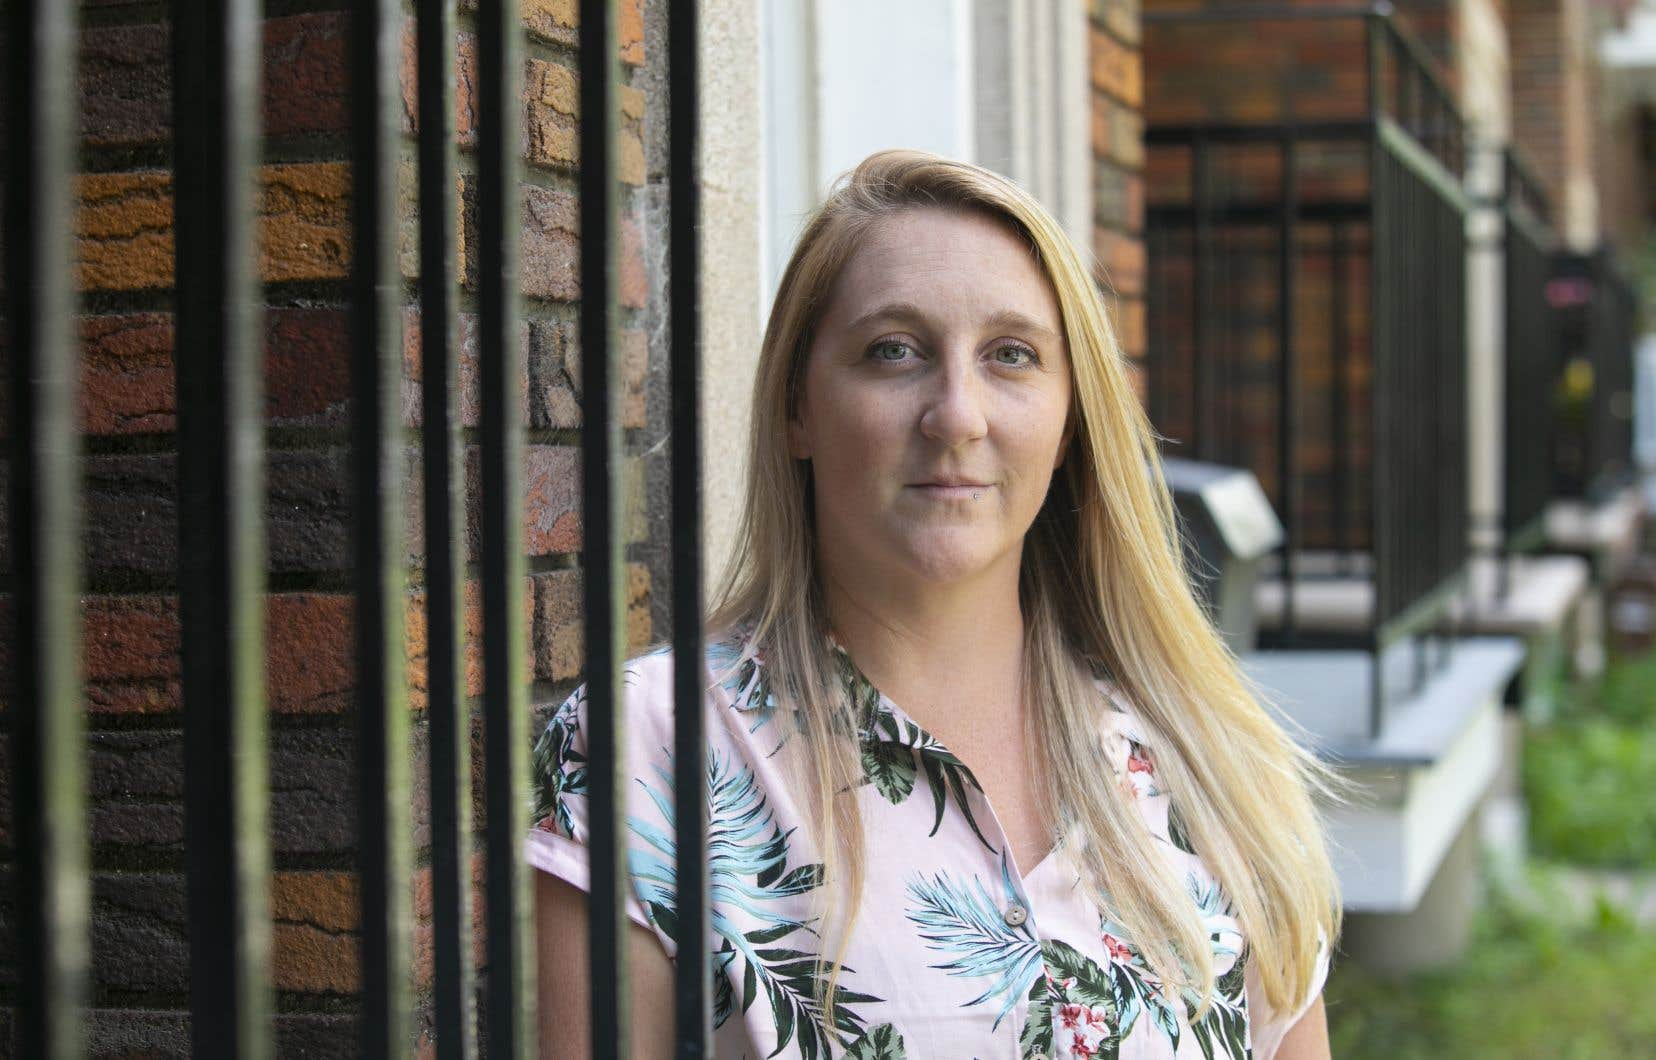 Après avoir passé plus de sept ans à l'urgence de l'hôpital Maisonneuve-Rosemont, l'infirmière Marilou Richer-LeBlanc 32ans a tout lâché, lessivée par les derniers mois.